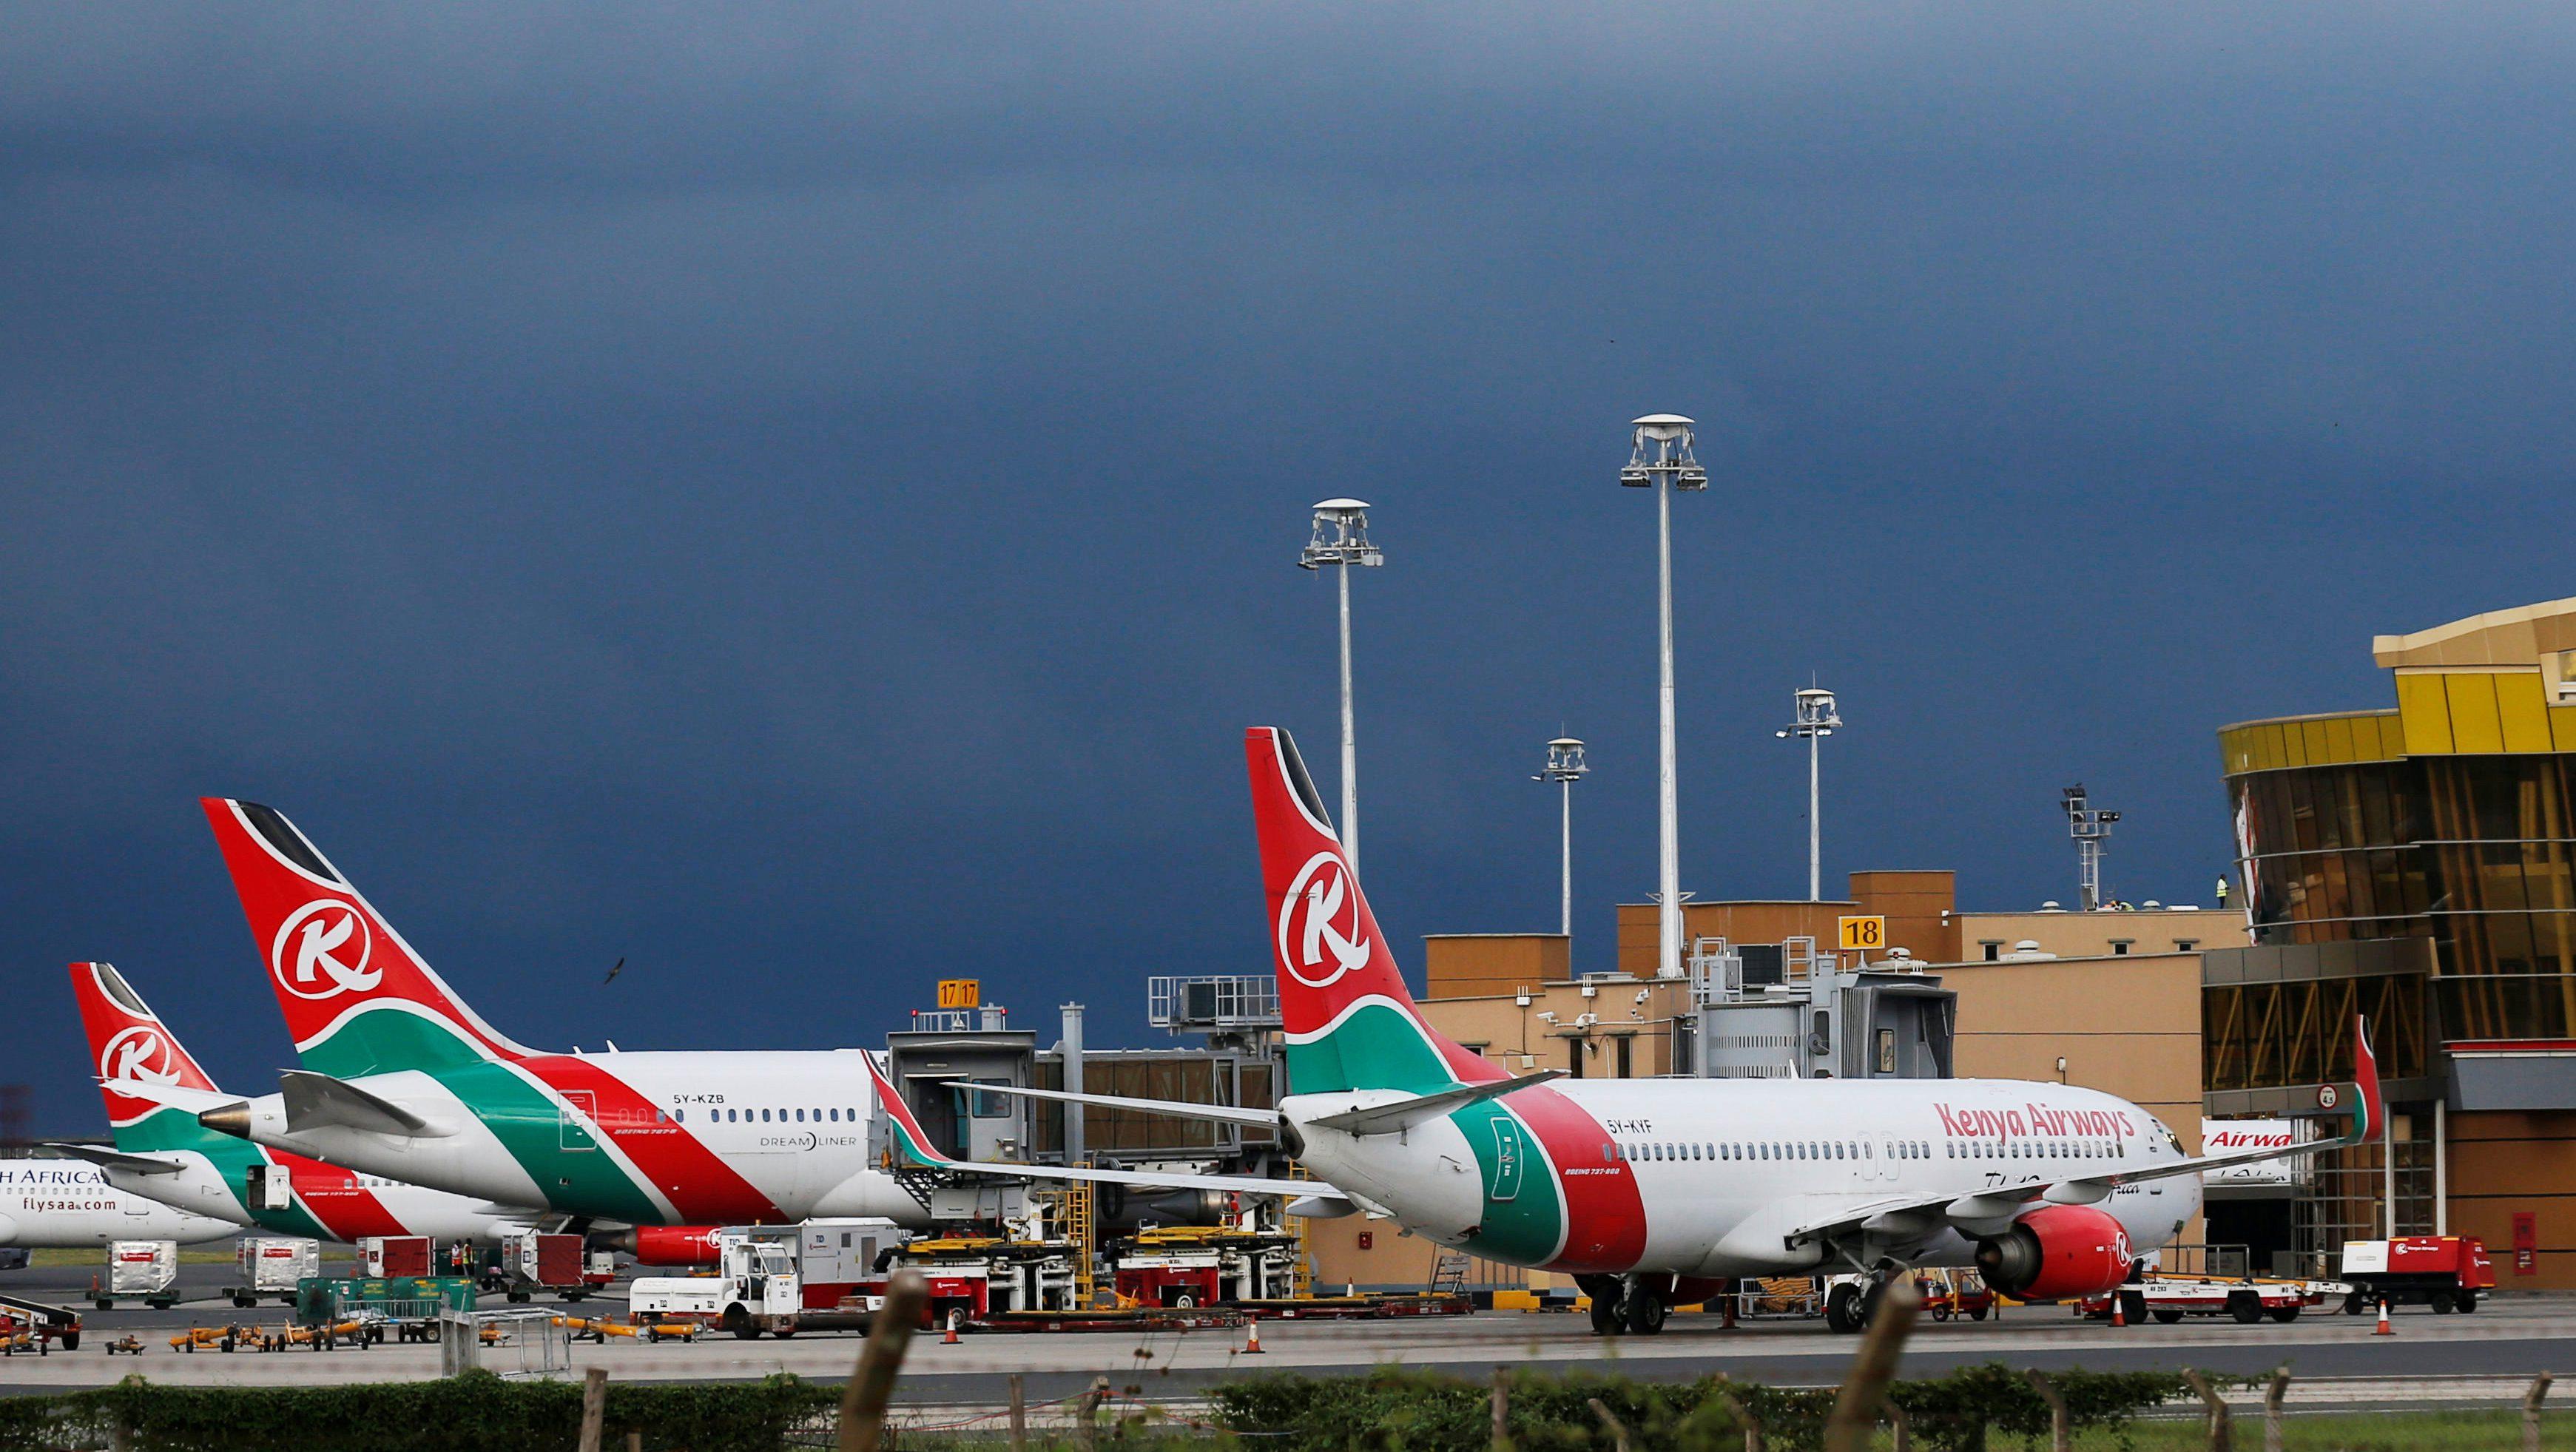 Kenya Airways planes are seen parked at the Jomo Kenyatta International airport near Kenya's capital Nairobi, April 28, 2016. Picture taken April 28, 2016.